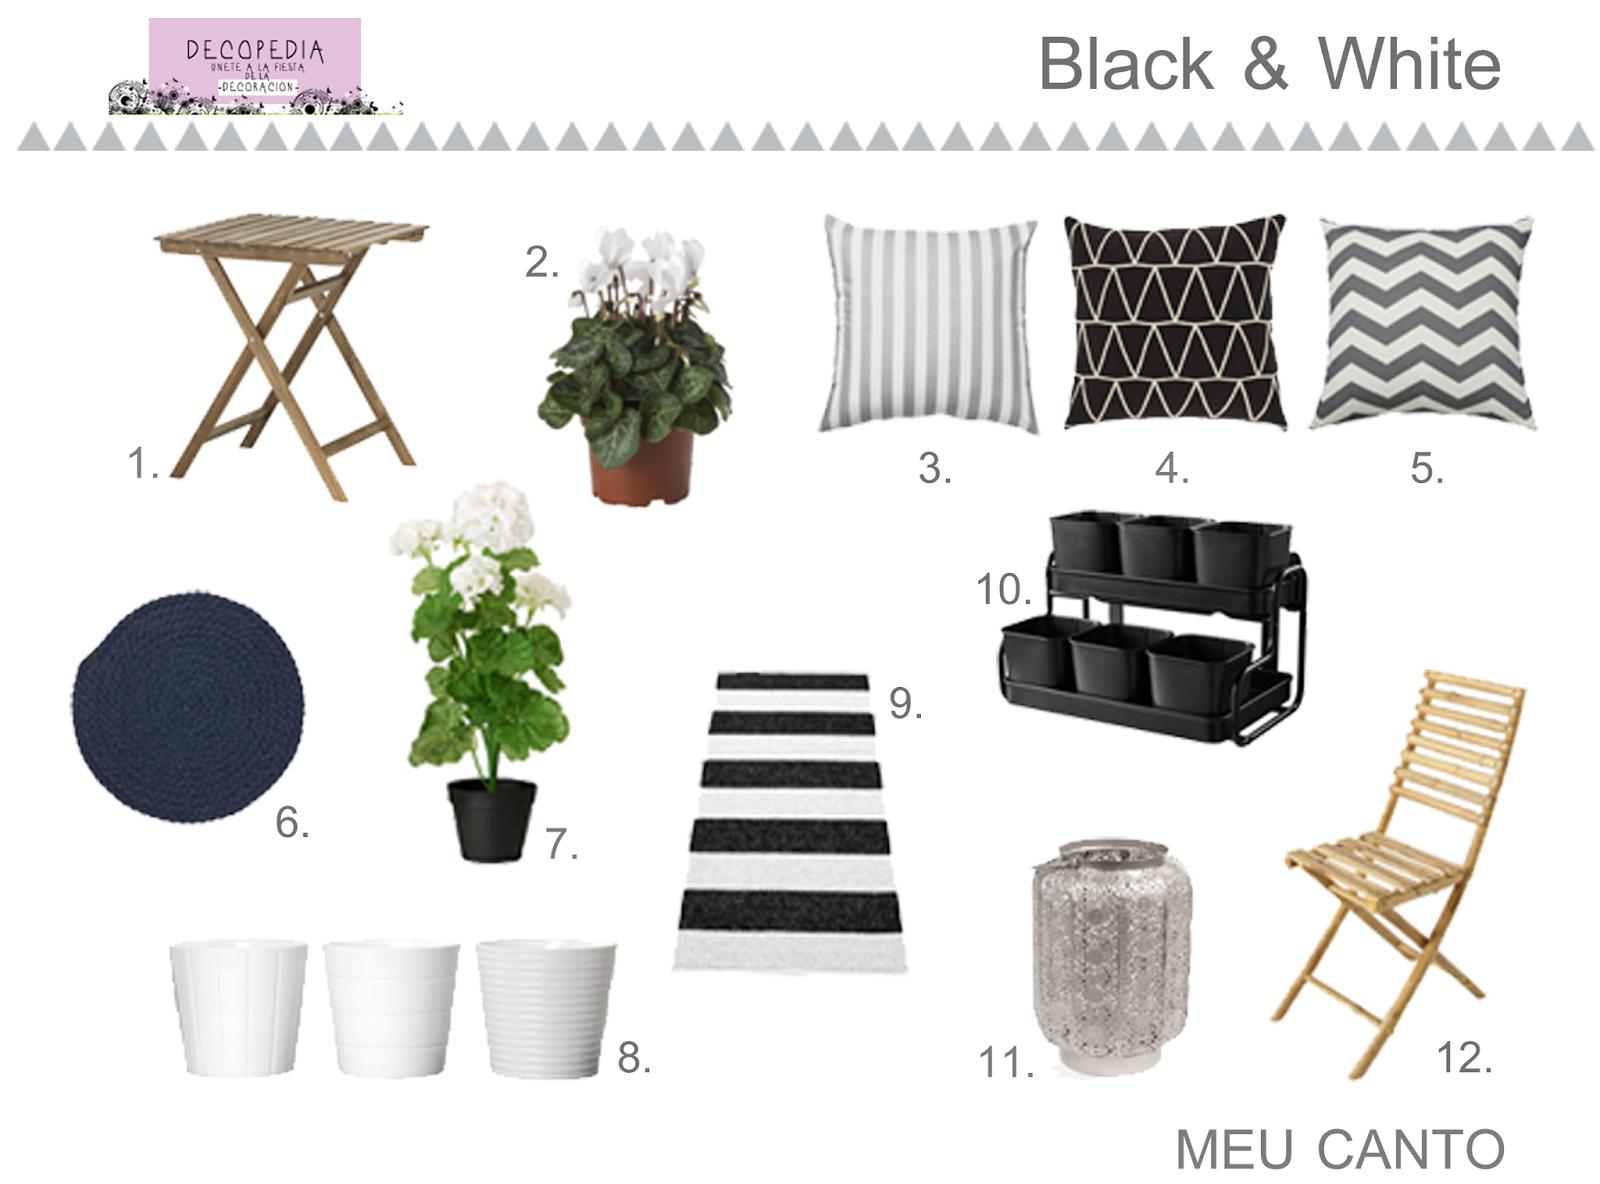 Mobiliario blanco y negro para terrazas